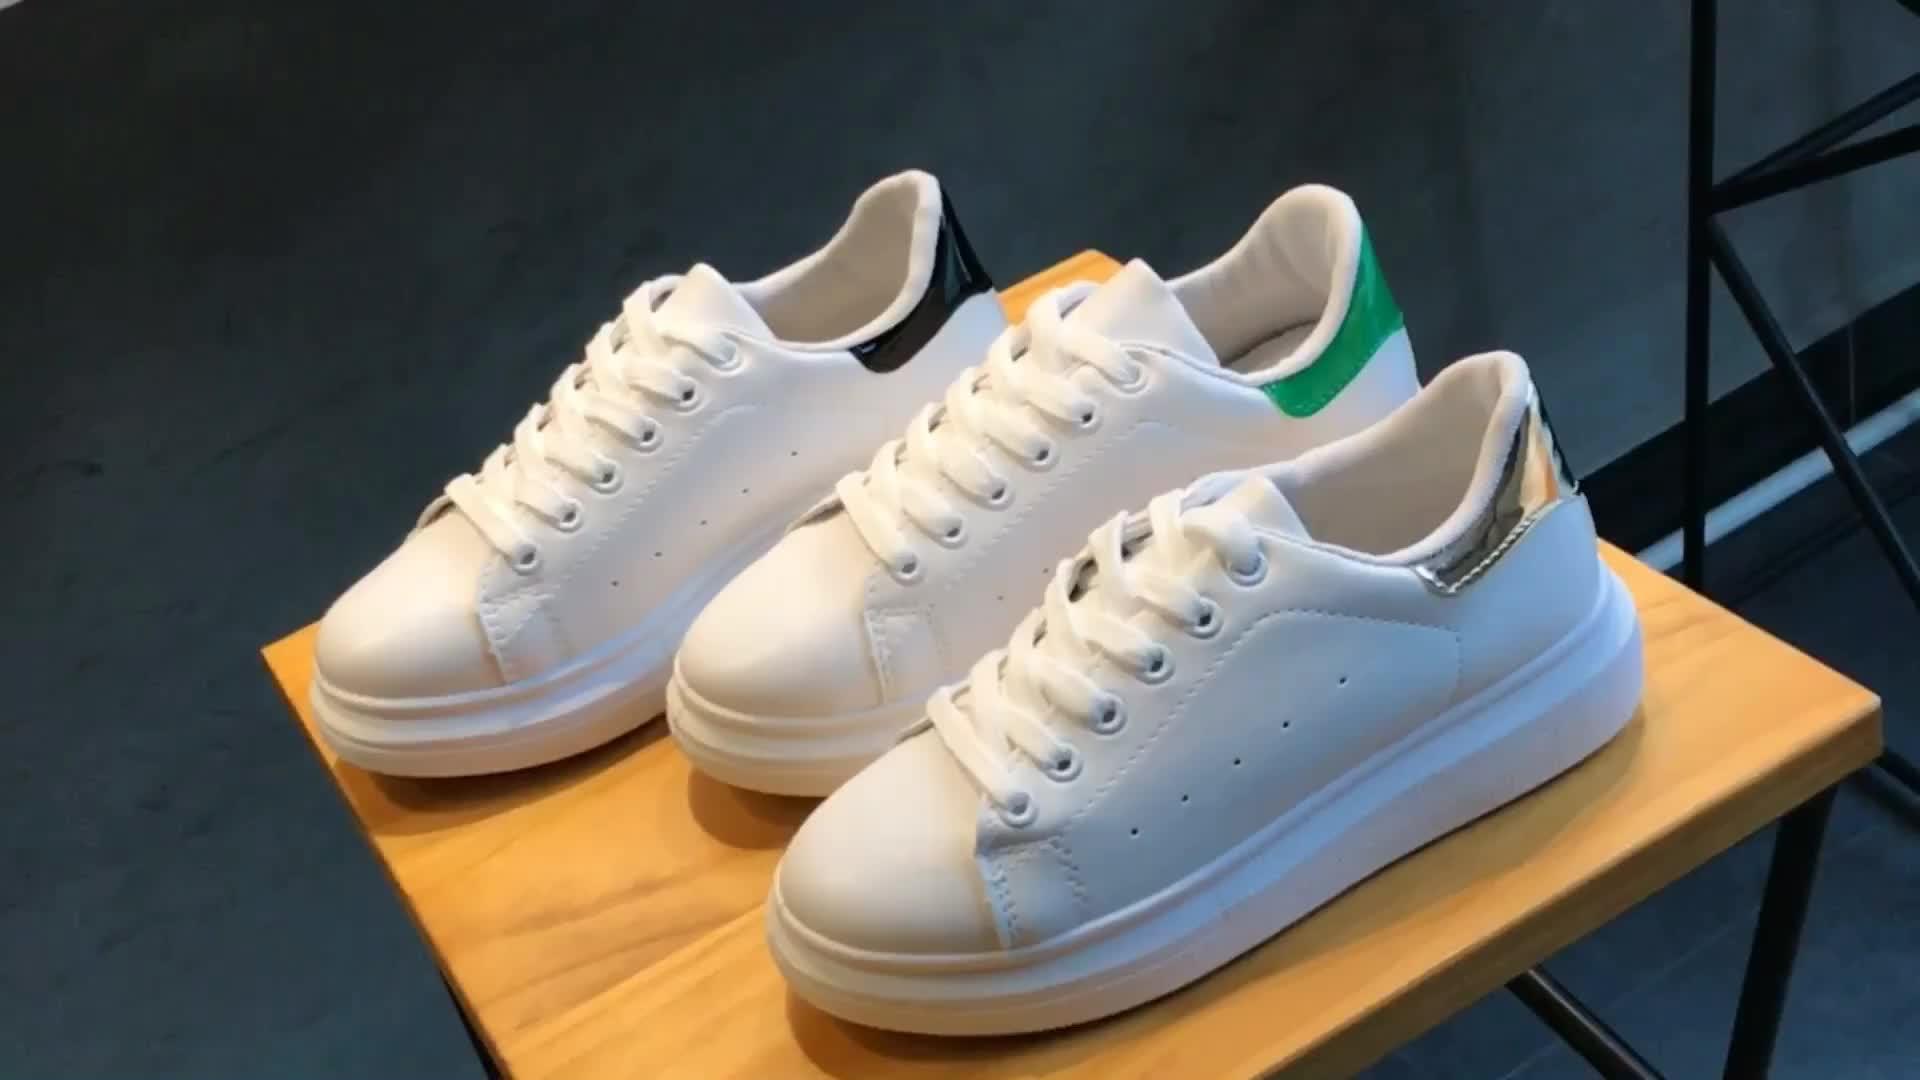 Trung Quốc Bán Buôn Giá Thấp Nhất Thời Trang Giày Thể Thao Nữ Đế Dày Chất Liệu Da PU Trắng Sneakers Giản Dị